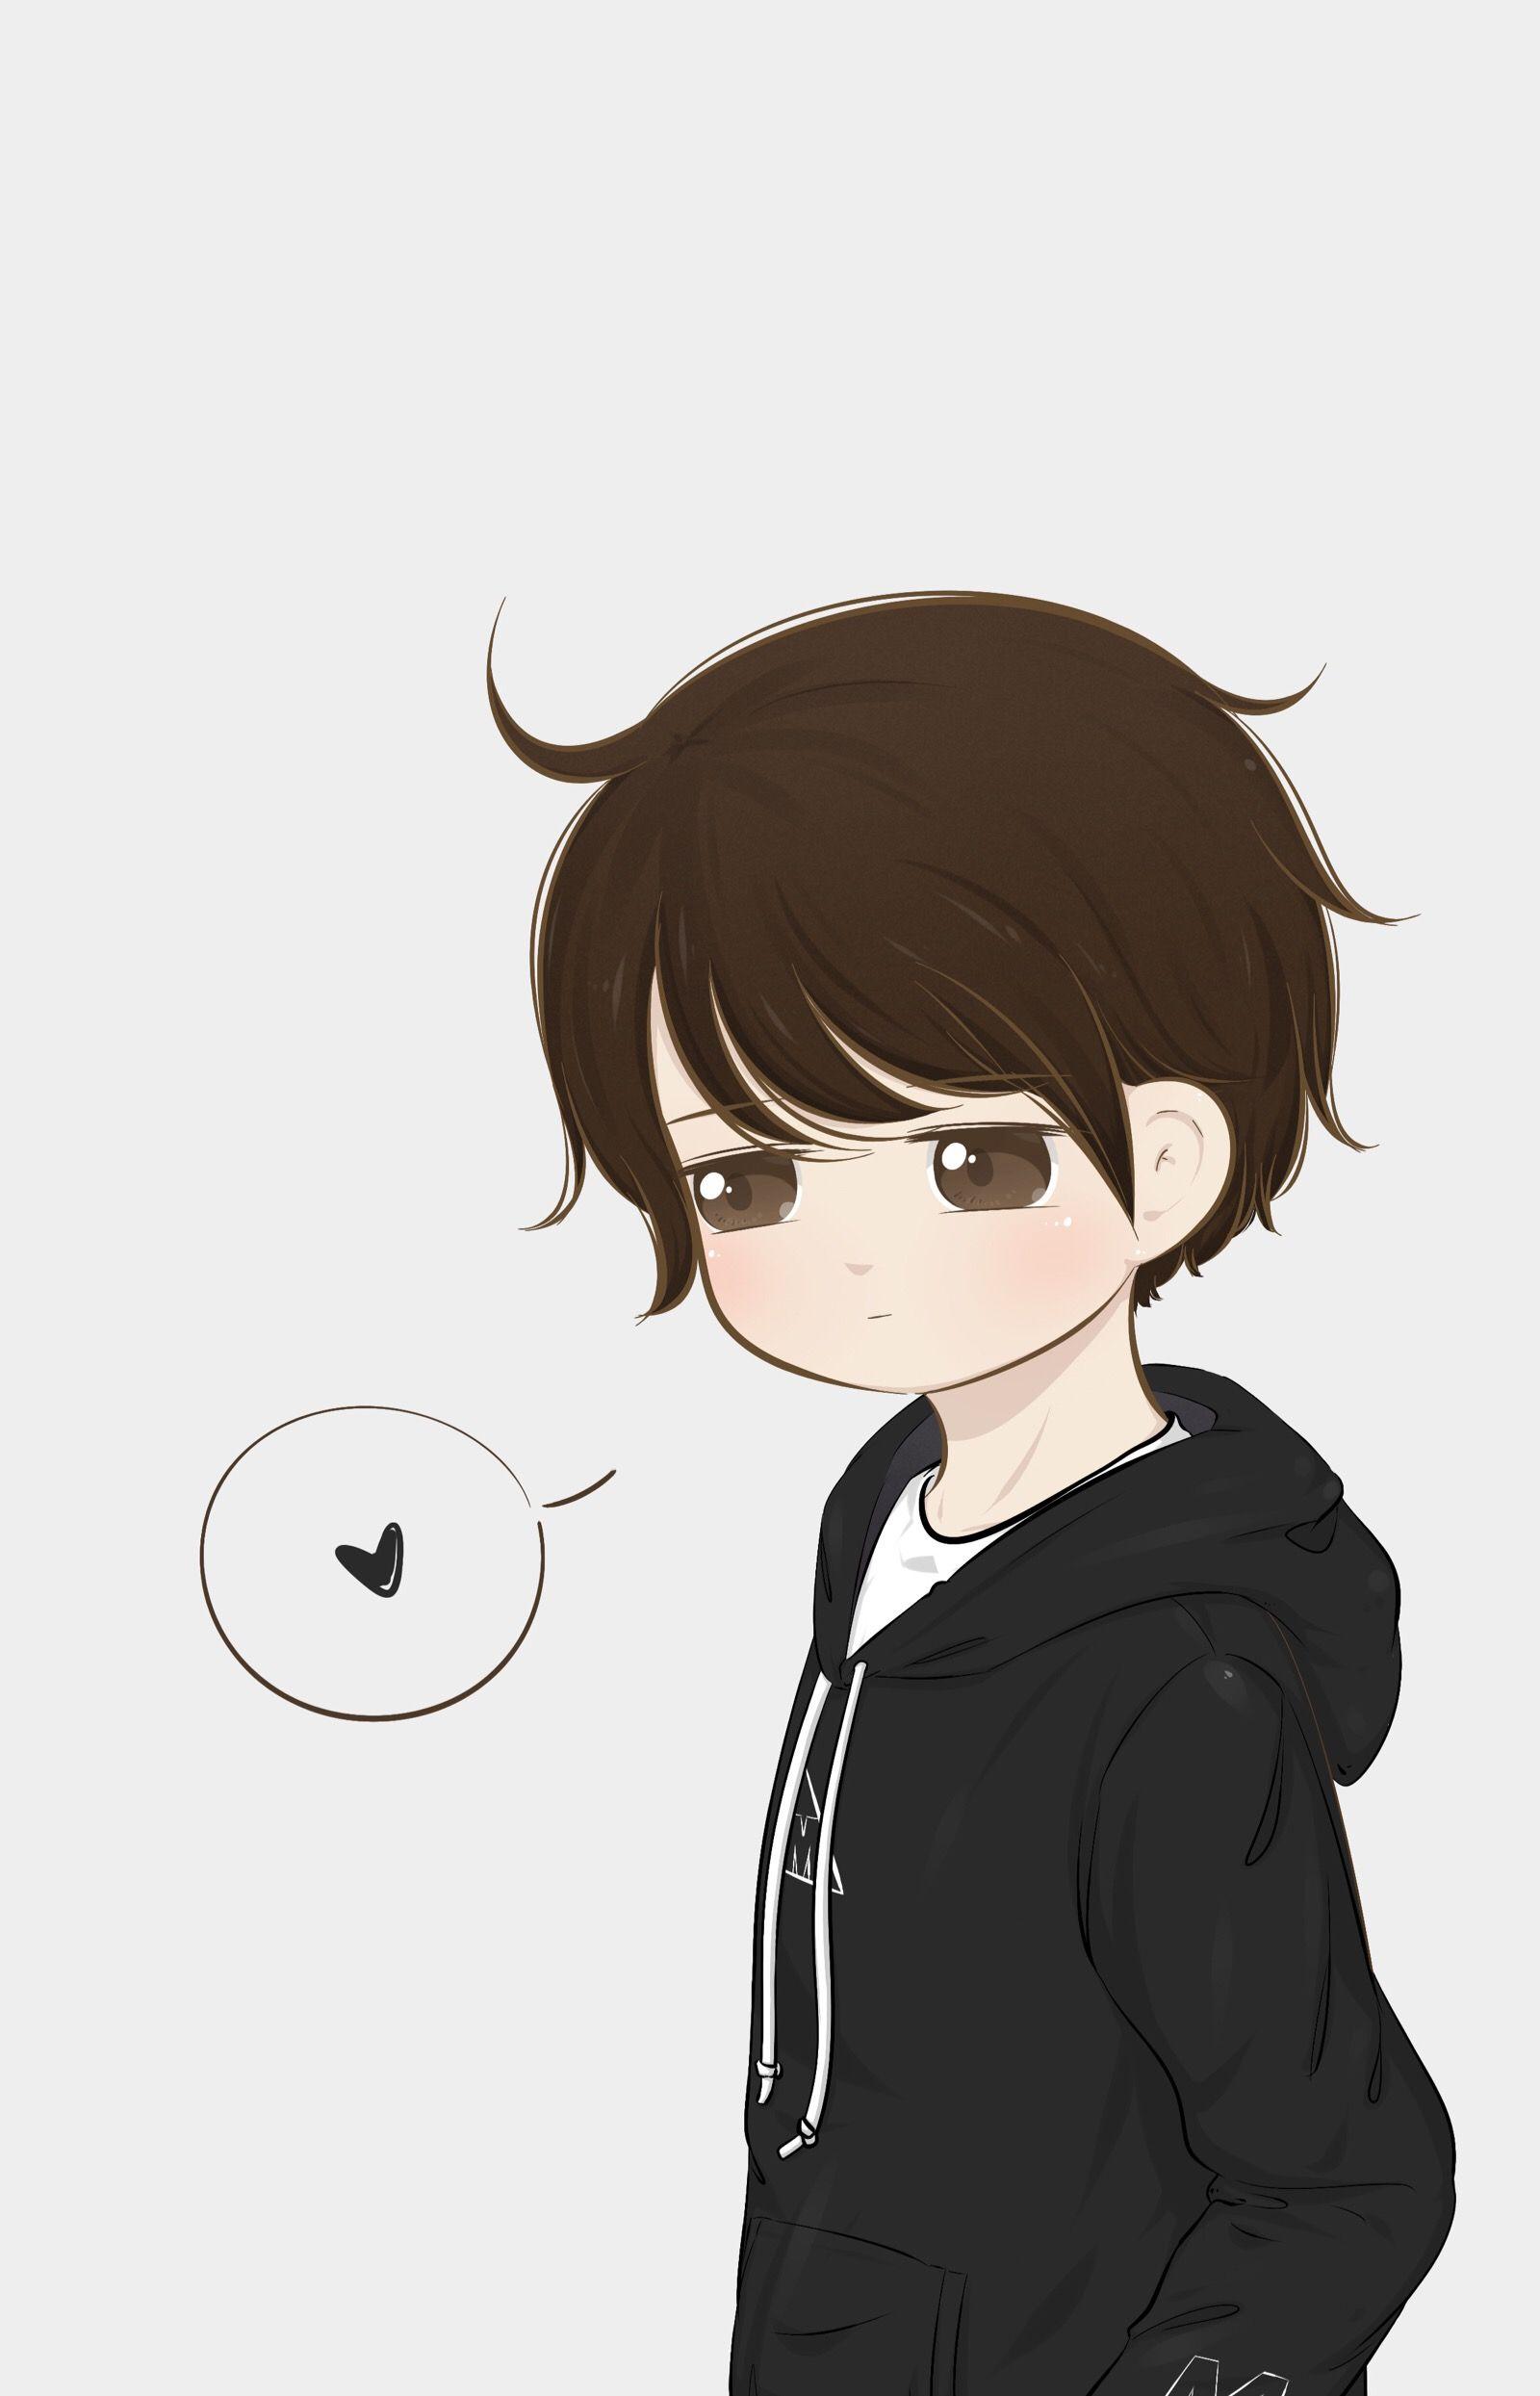 泠𝙻𝚒𝚗𝚐 • 𝙰𝚛𝚝𝚒𝚜𝚝 빽😷 Cute anime boy, Anime art girl